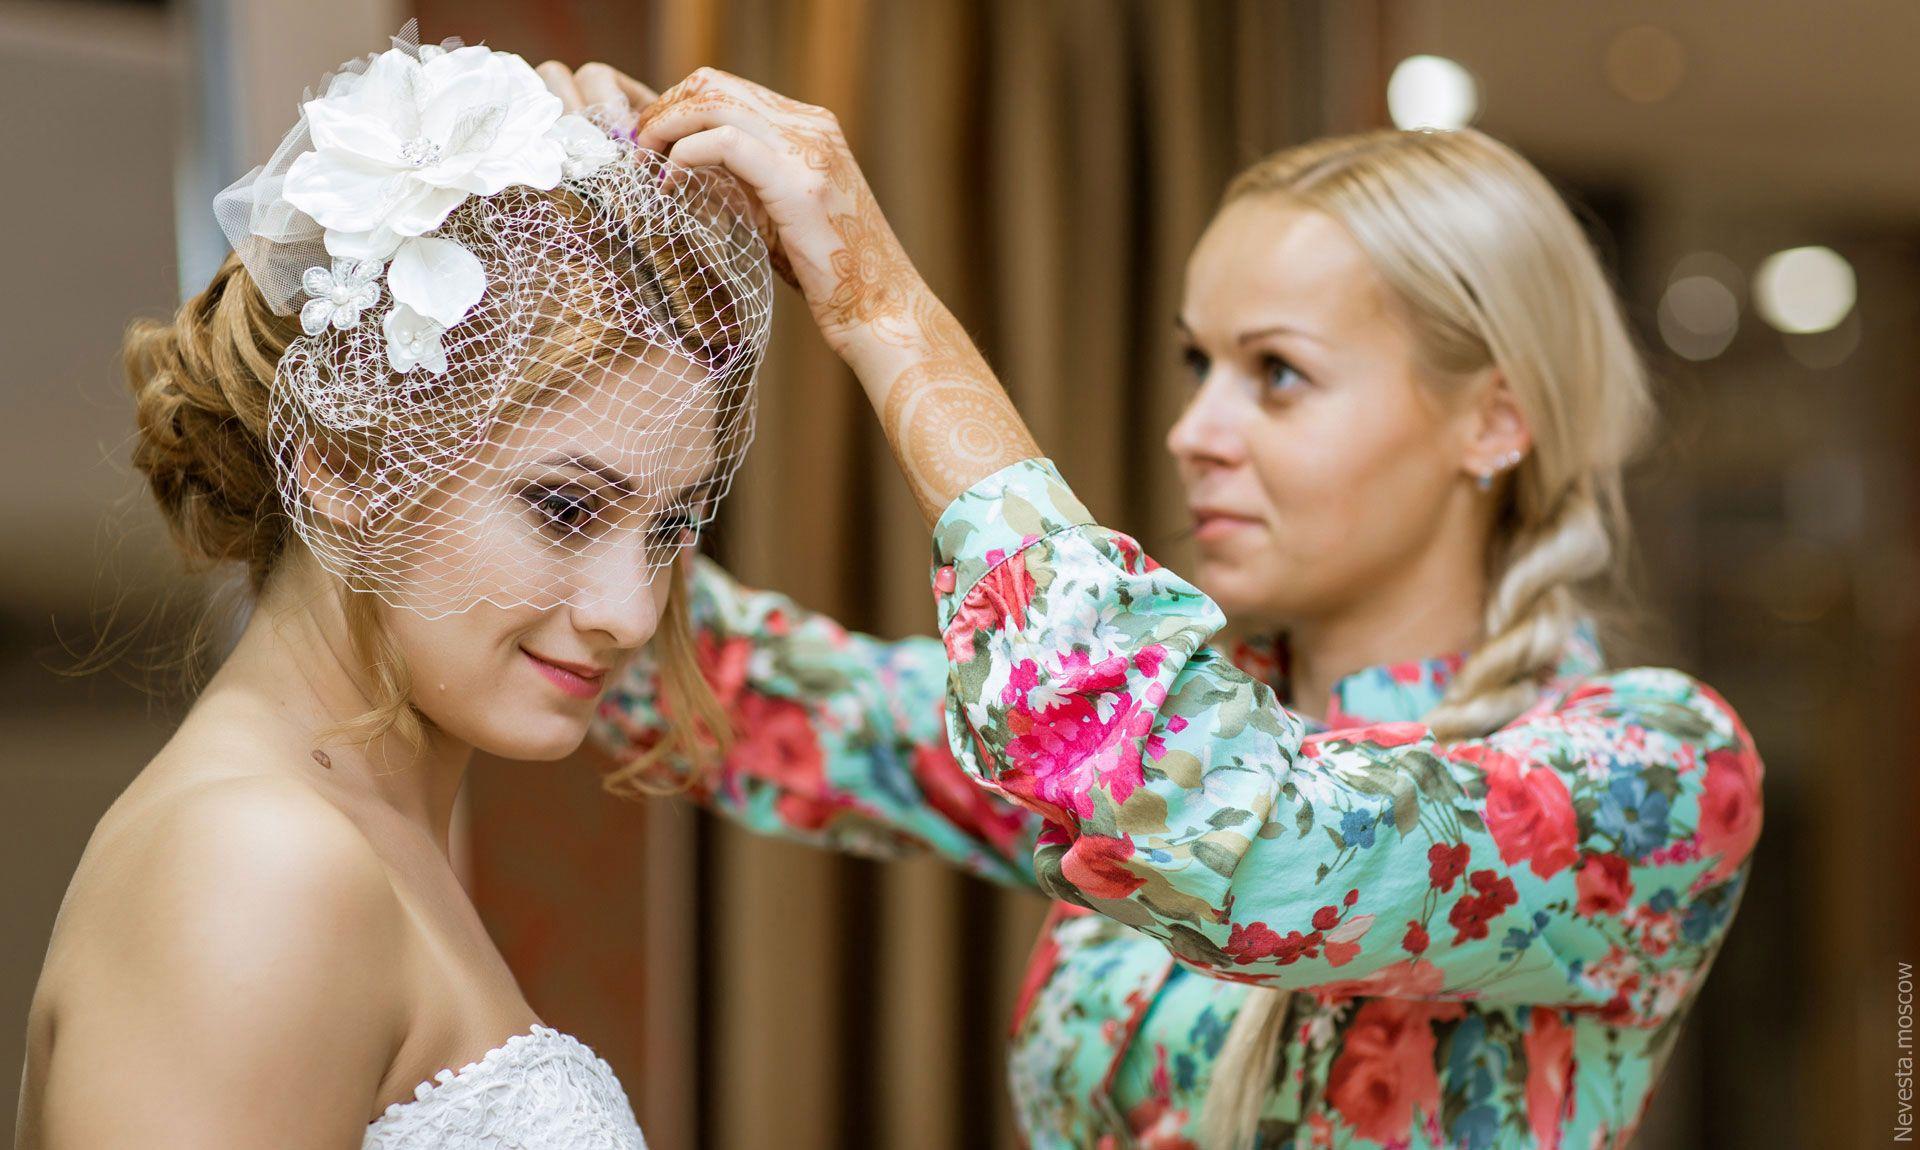 Карина Мишулина, подготовка к свадьбе, примерка платья